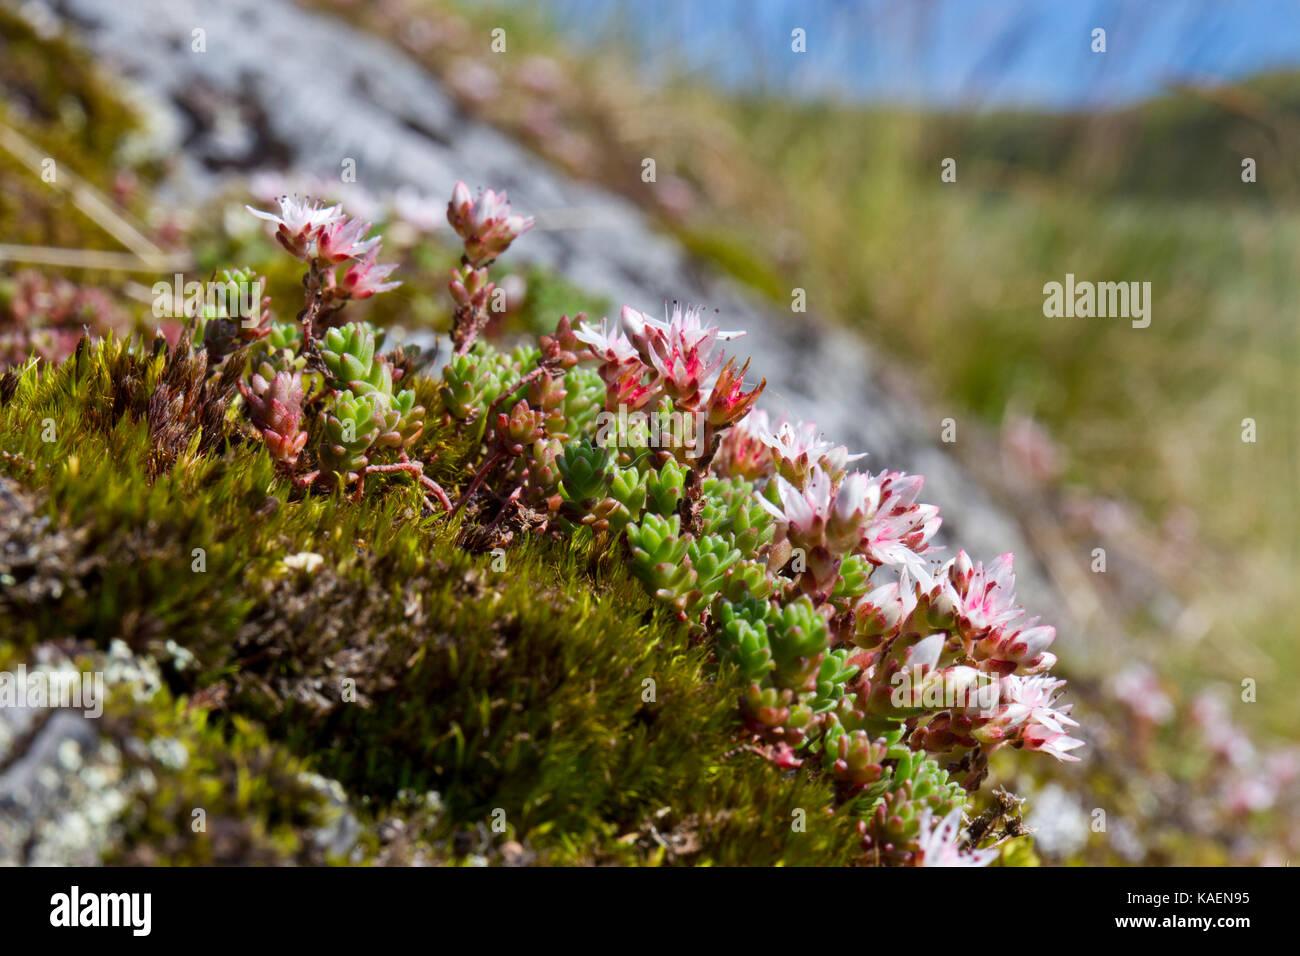 Stonecrop Sedum anglicum (anglais) la floraison sur un affleurement rocheux. Cambrian Mountains, Powys, Pays de Galles. Juillet. Banque D'Images